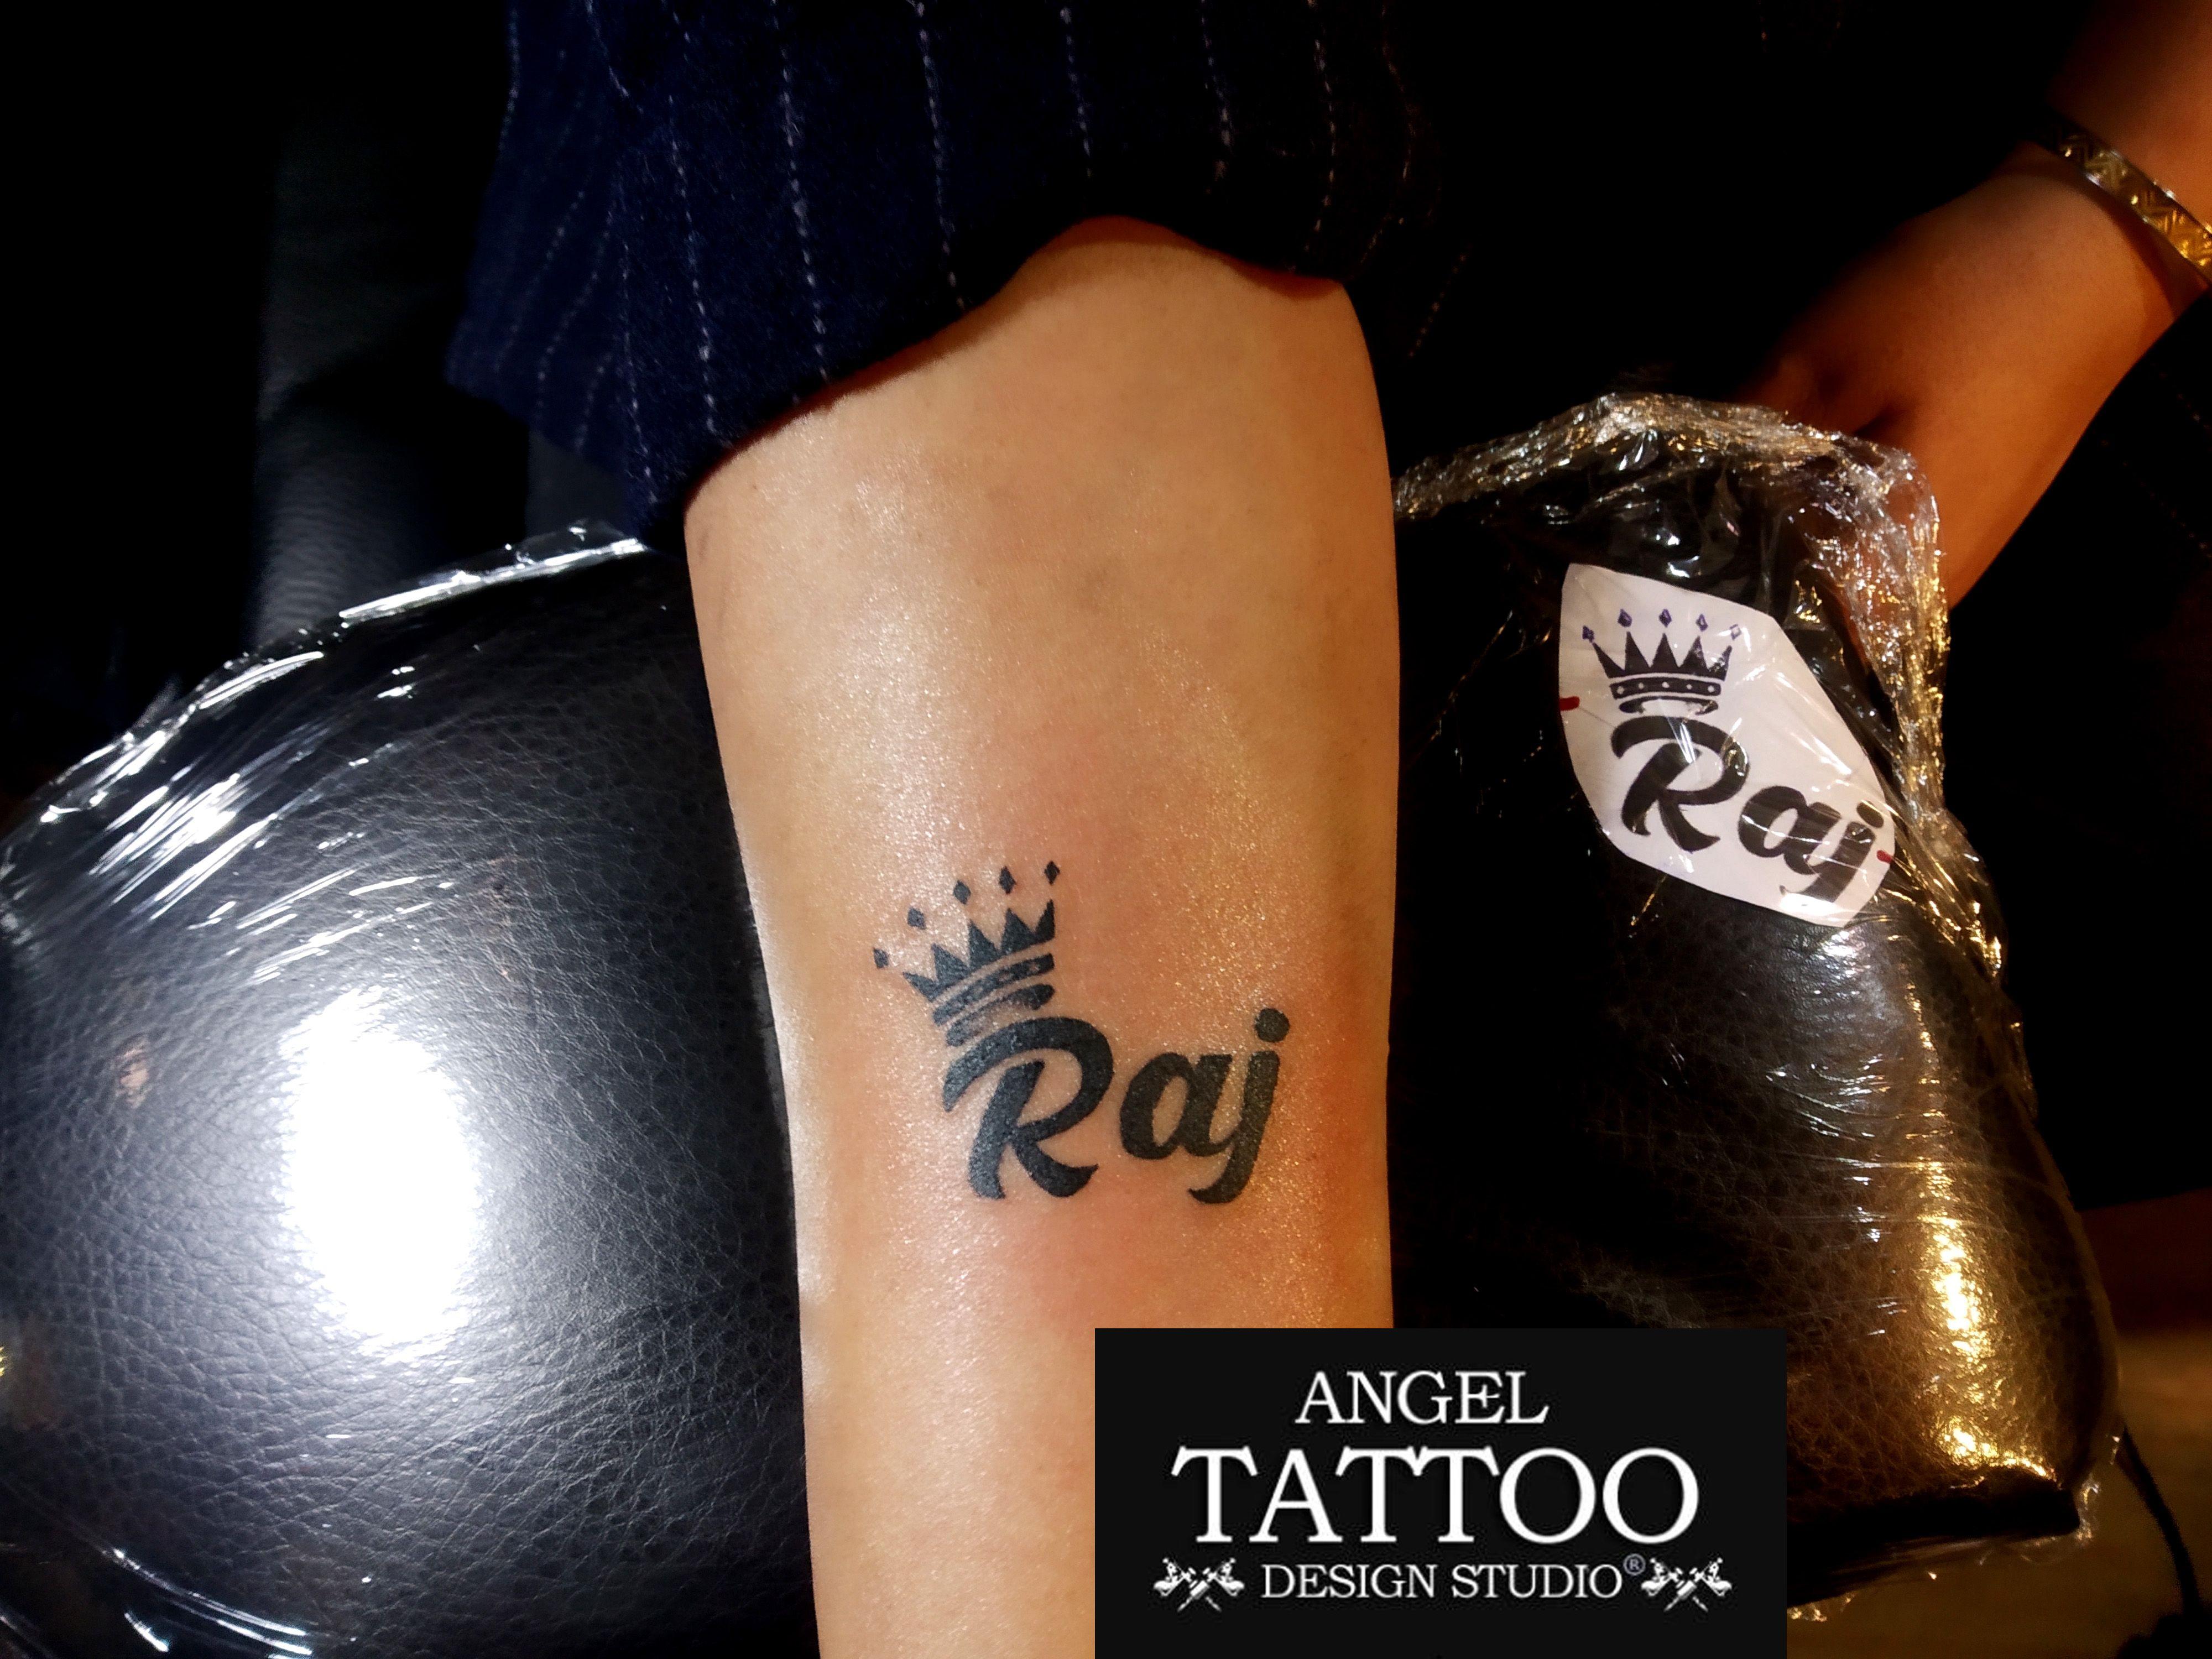 Raj Name Tattoo Name Tattoo Designs Name With Crown Tattoo Name Tattoo